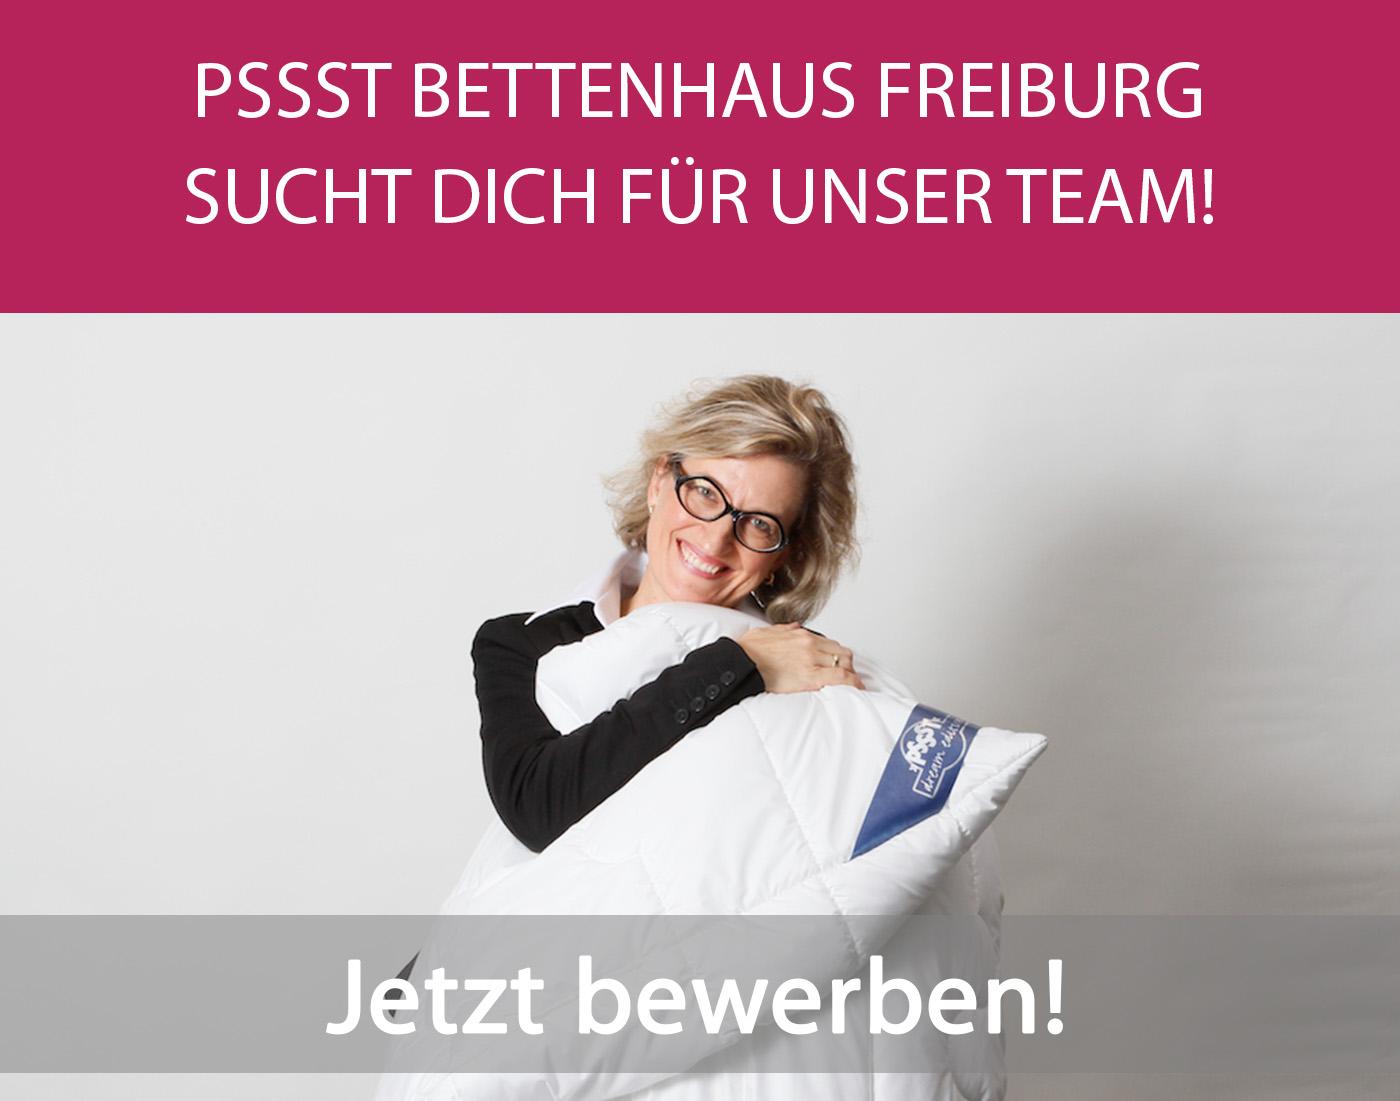 PSSST Bettenhaus Freiburg sucht Dich für unser Team! Jetzt bewerben!